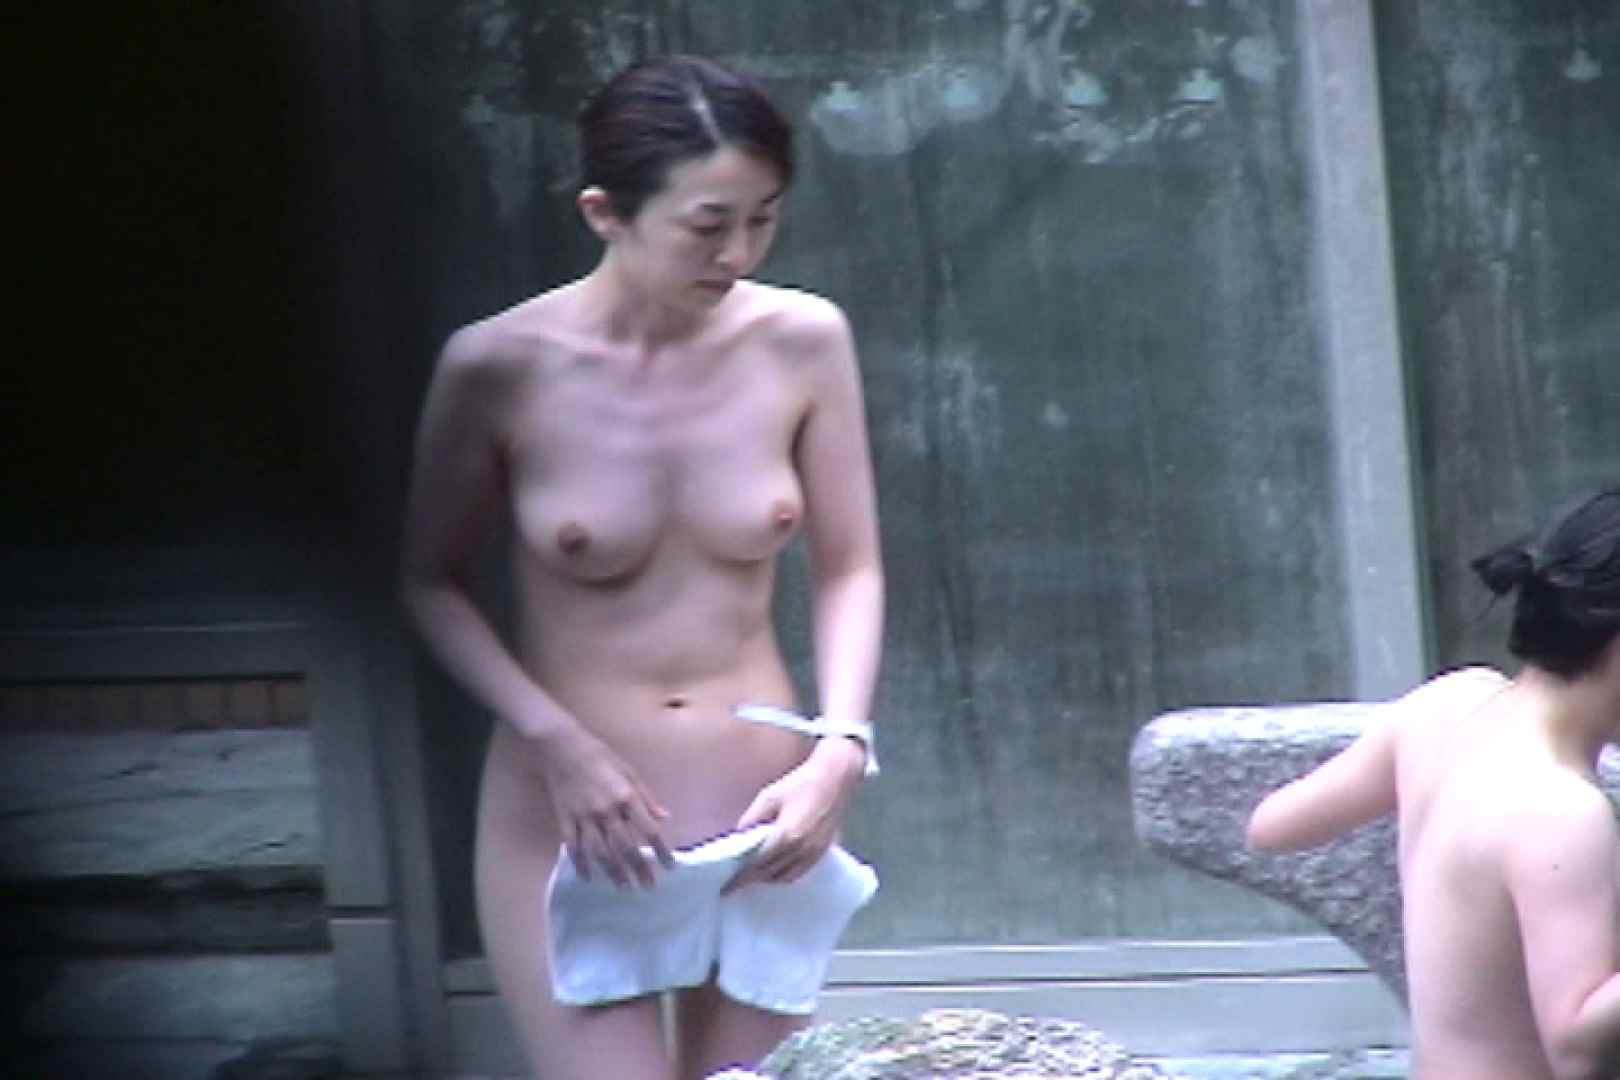 Aquaな露天風呂Vol.703 盗撮師作品 | 美しいOLの裸体  93pic 25